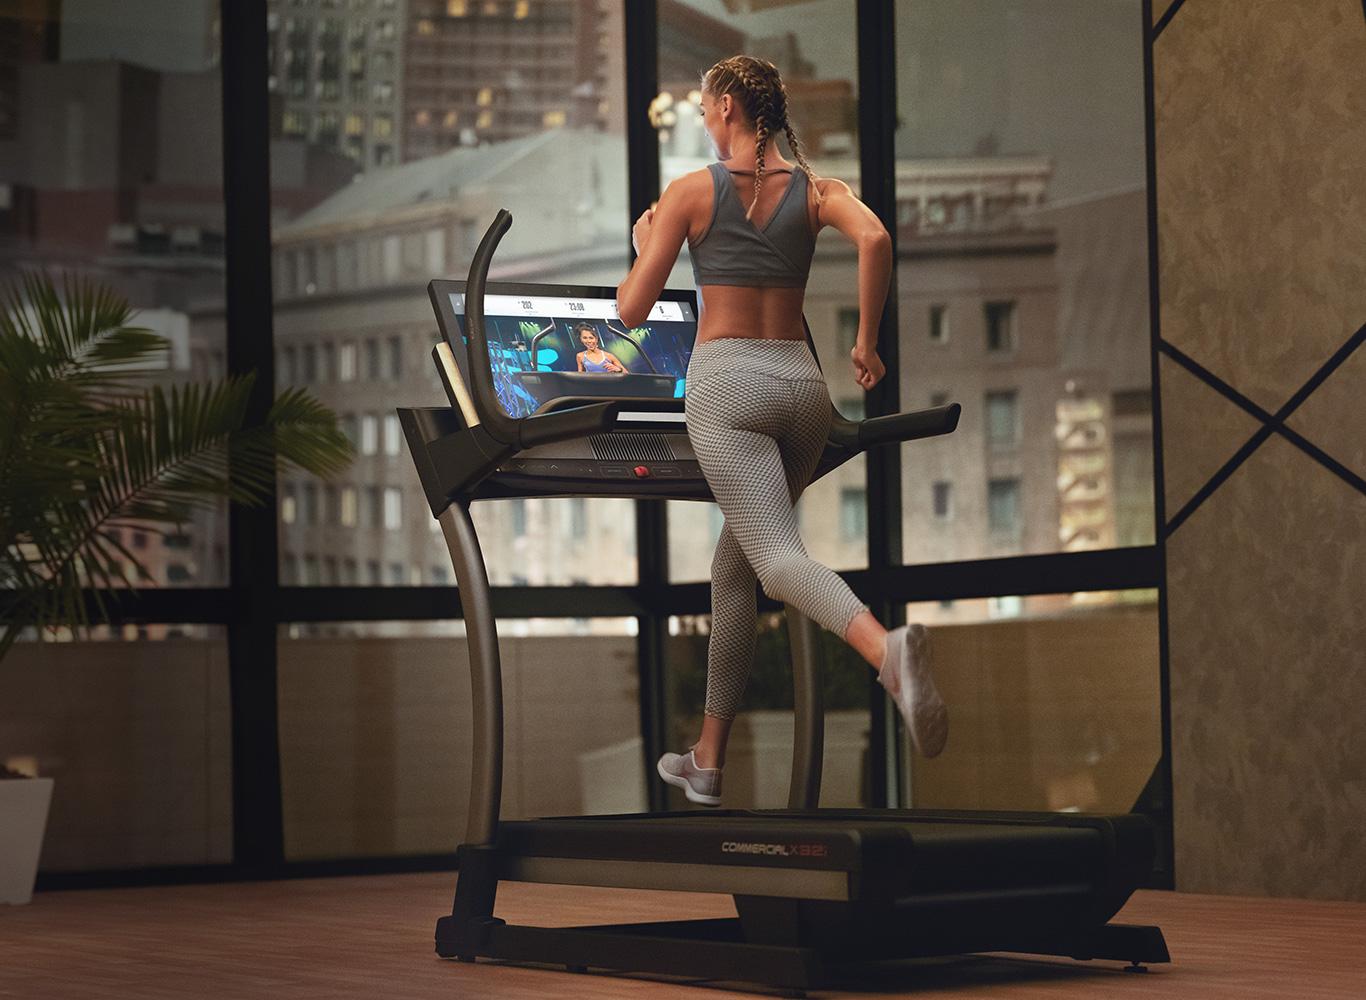 Treadmills, Ellipticals, Cardio & Strength Equipment for the